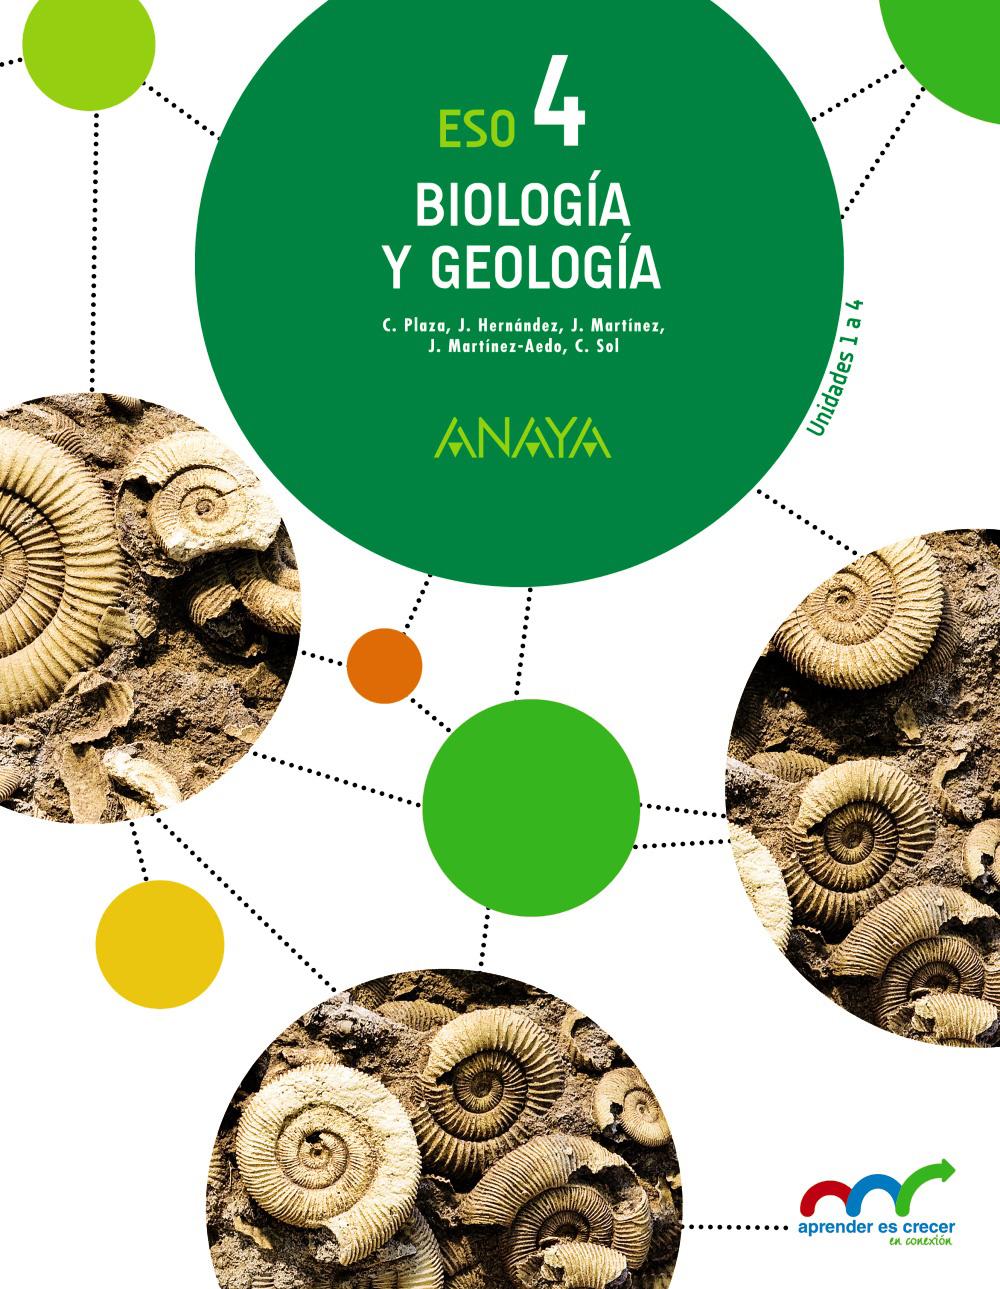 Biología Y Geología 4º Eso Anaya Text 9788469810750 Abacus Online